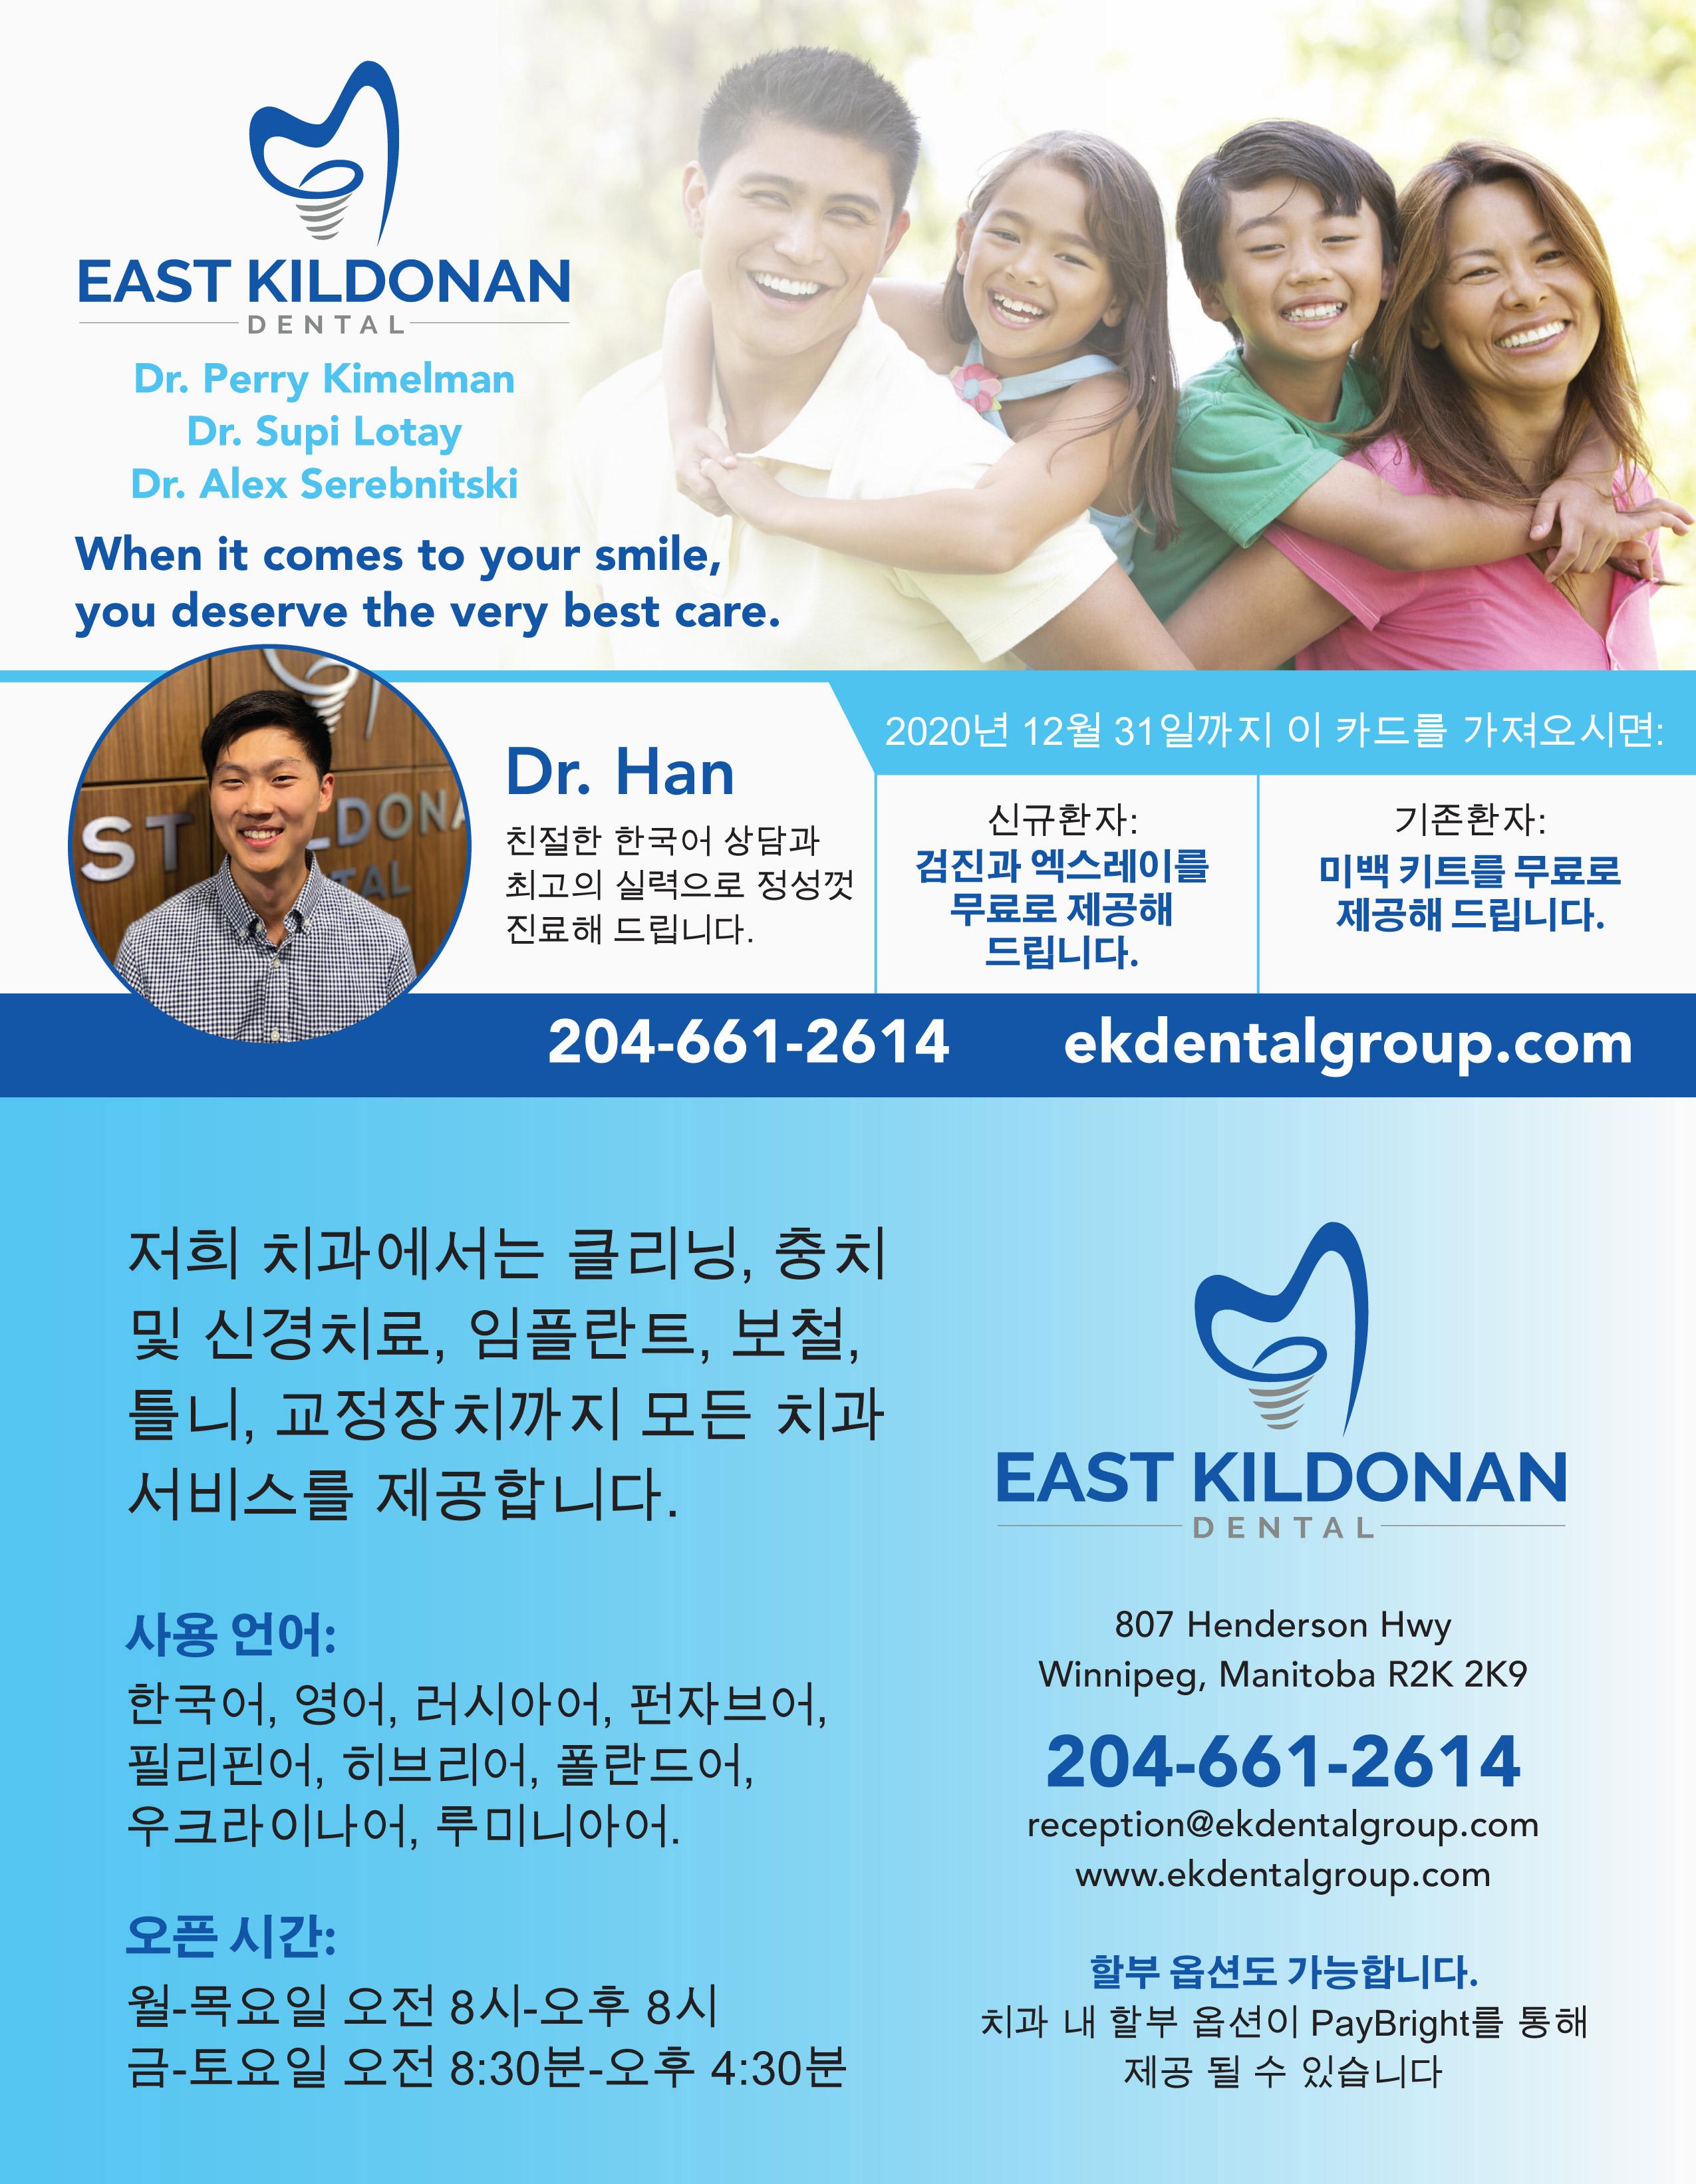 EastKildonanDental_Poster2.jpg